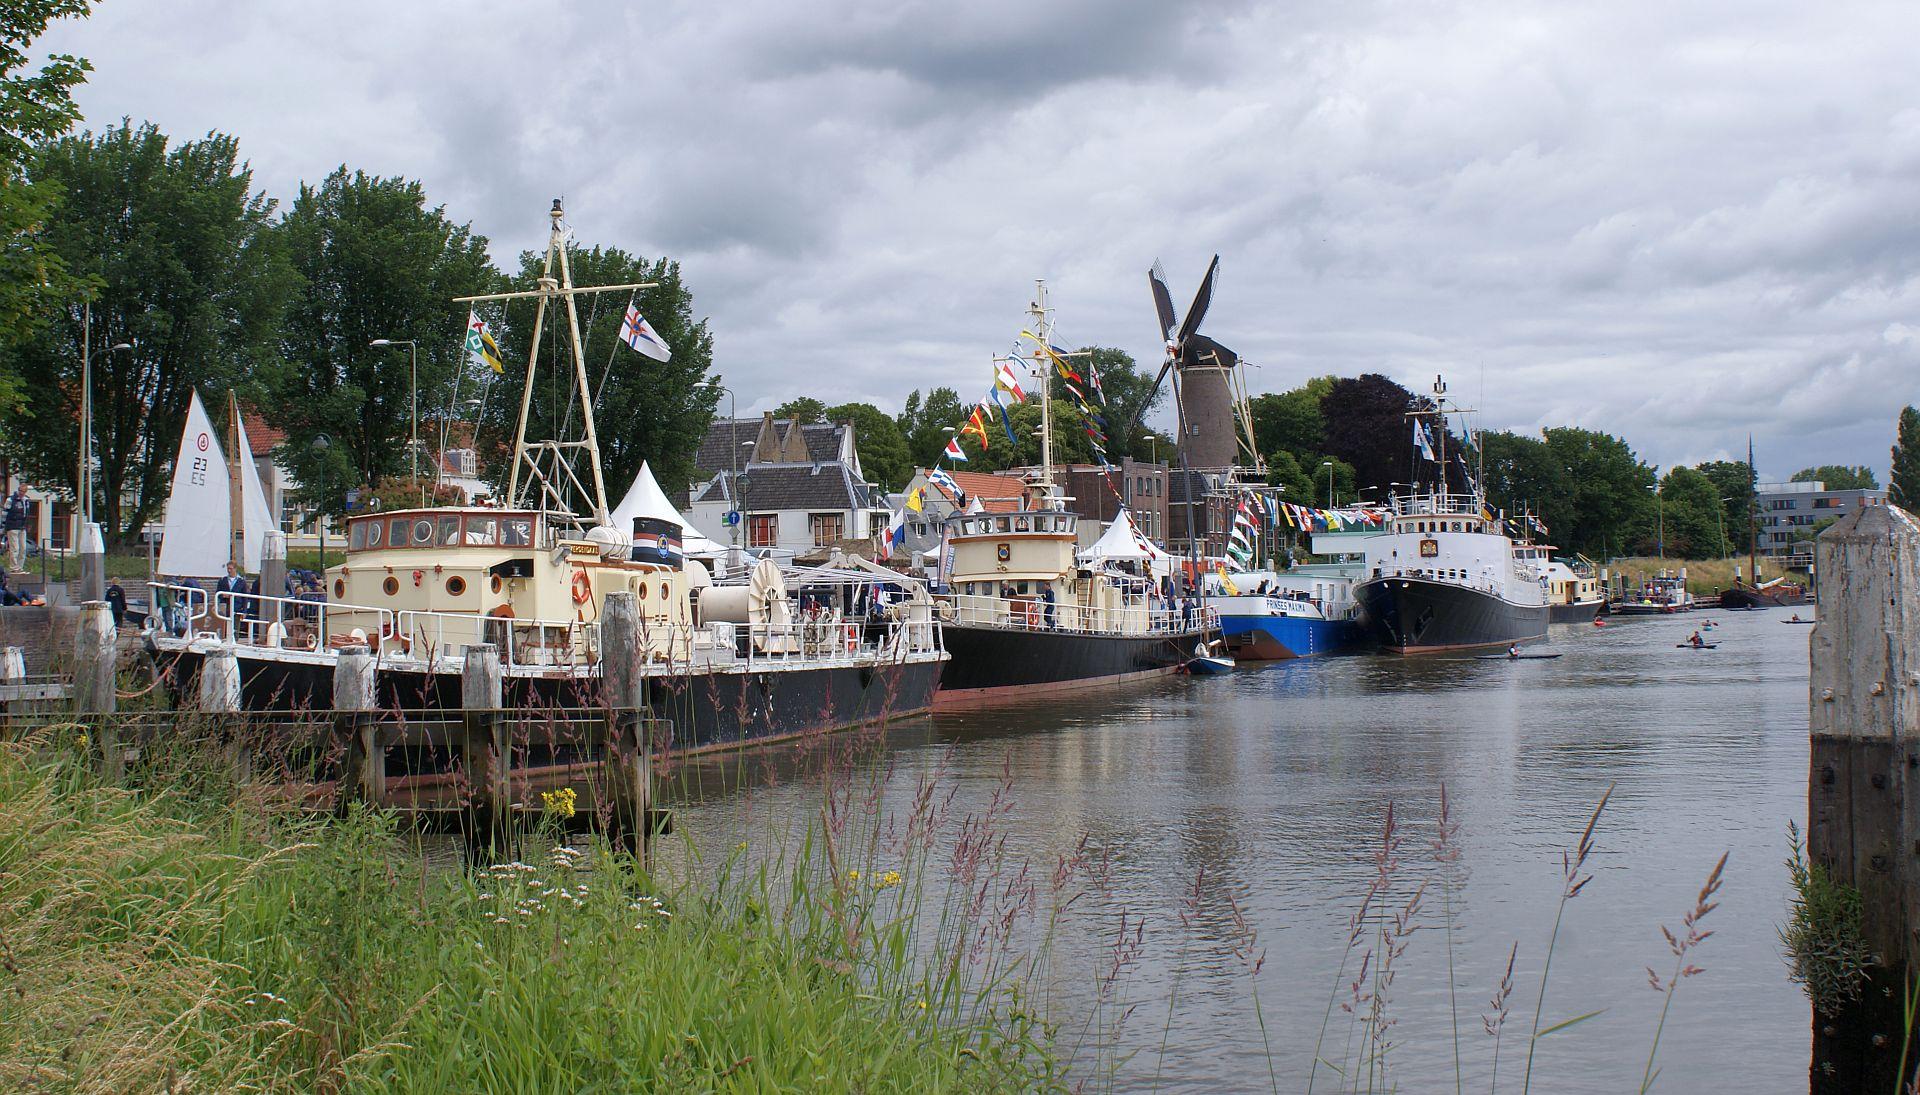 Korpsschepen op bezoek in Gouda voor het 60-jarig jubileum